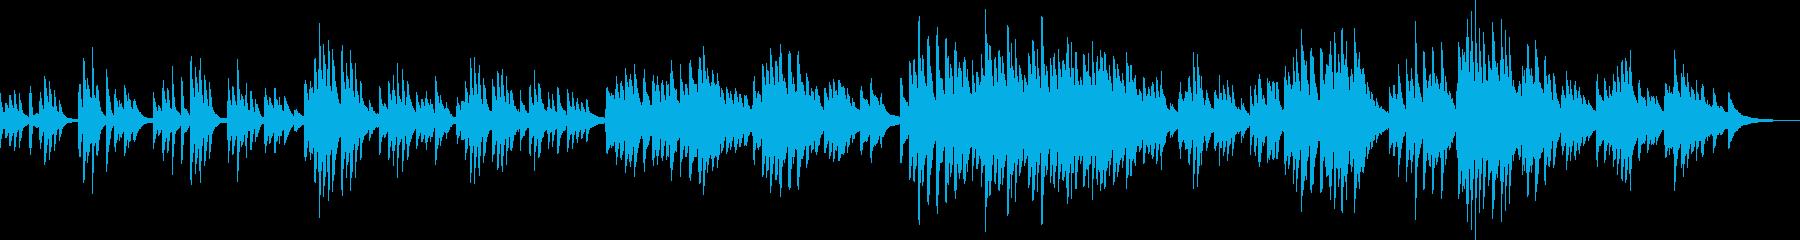 和風の切ないピアノバラードの再生済みの波形